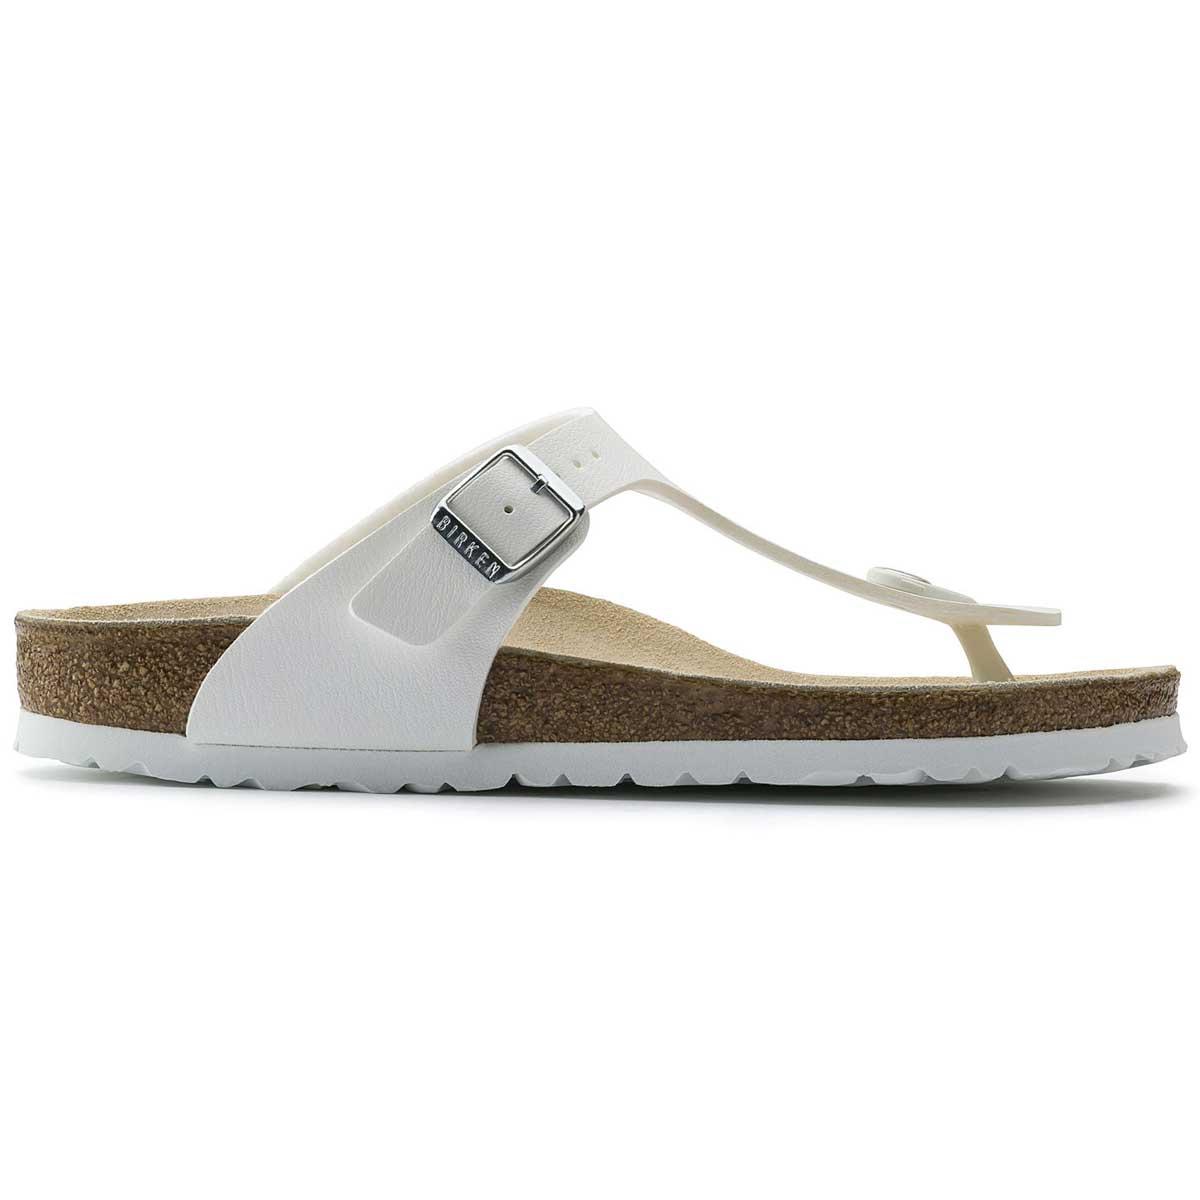 ビルケンシュトック BIRKENSTOCK GIZEH(ギゼ)ホワイトGC 043731 (レギュラーフィット 幅広)ドイツ生まれの快適サンダル 「正規品」「靴」